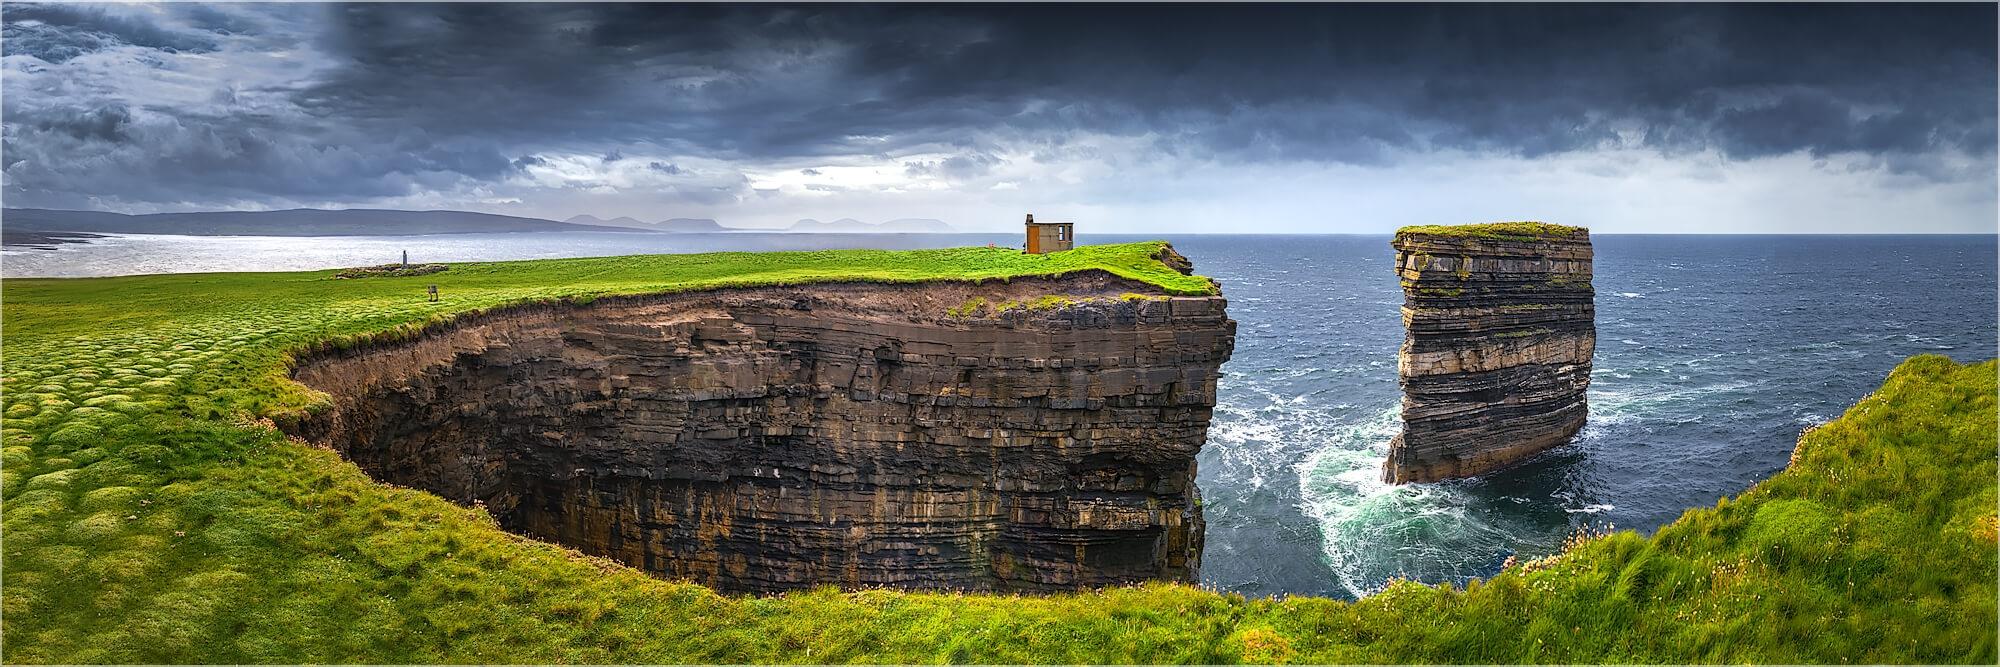 Panoramabild Down Patrick Head Atlantikküste Irland